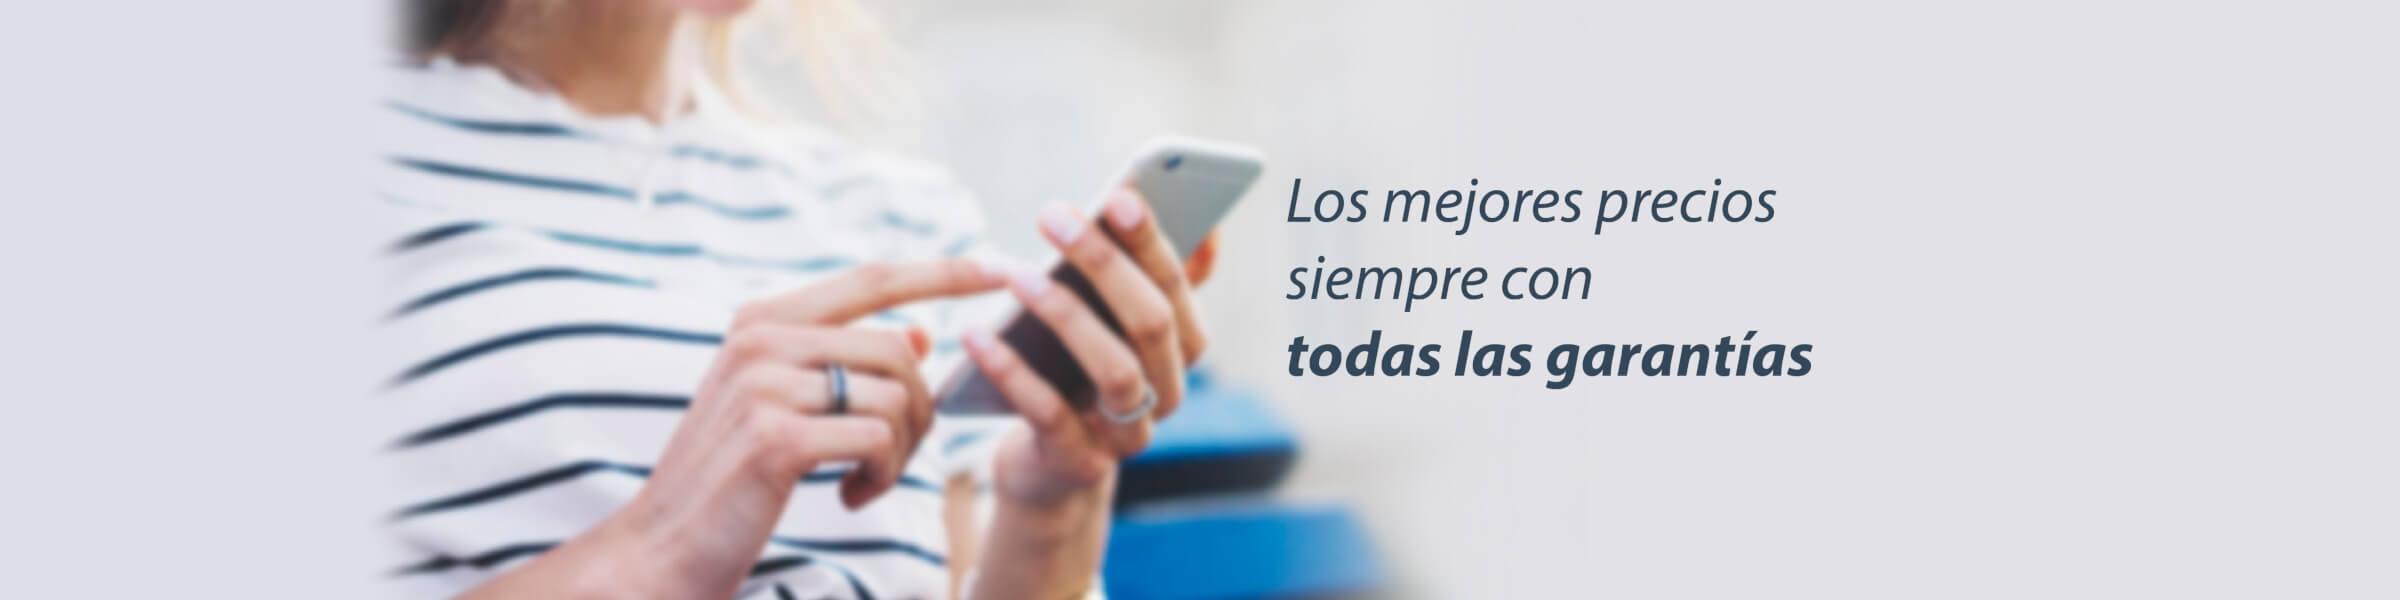 aaa8aec95f3 Reparación de teléfonos móviles en Madrid: precios - QuickFix